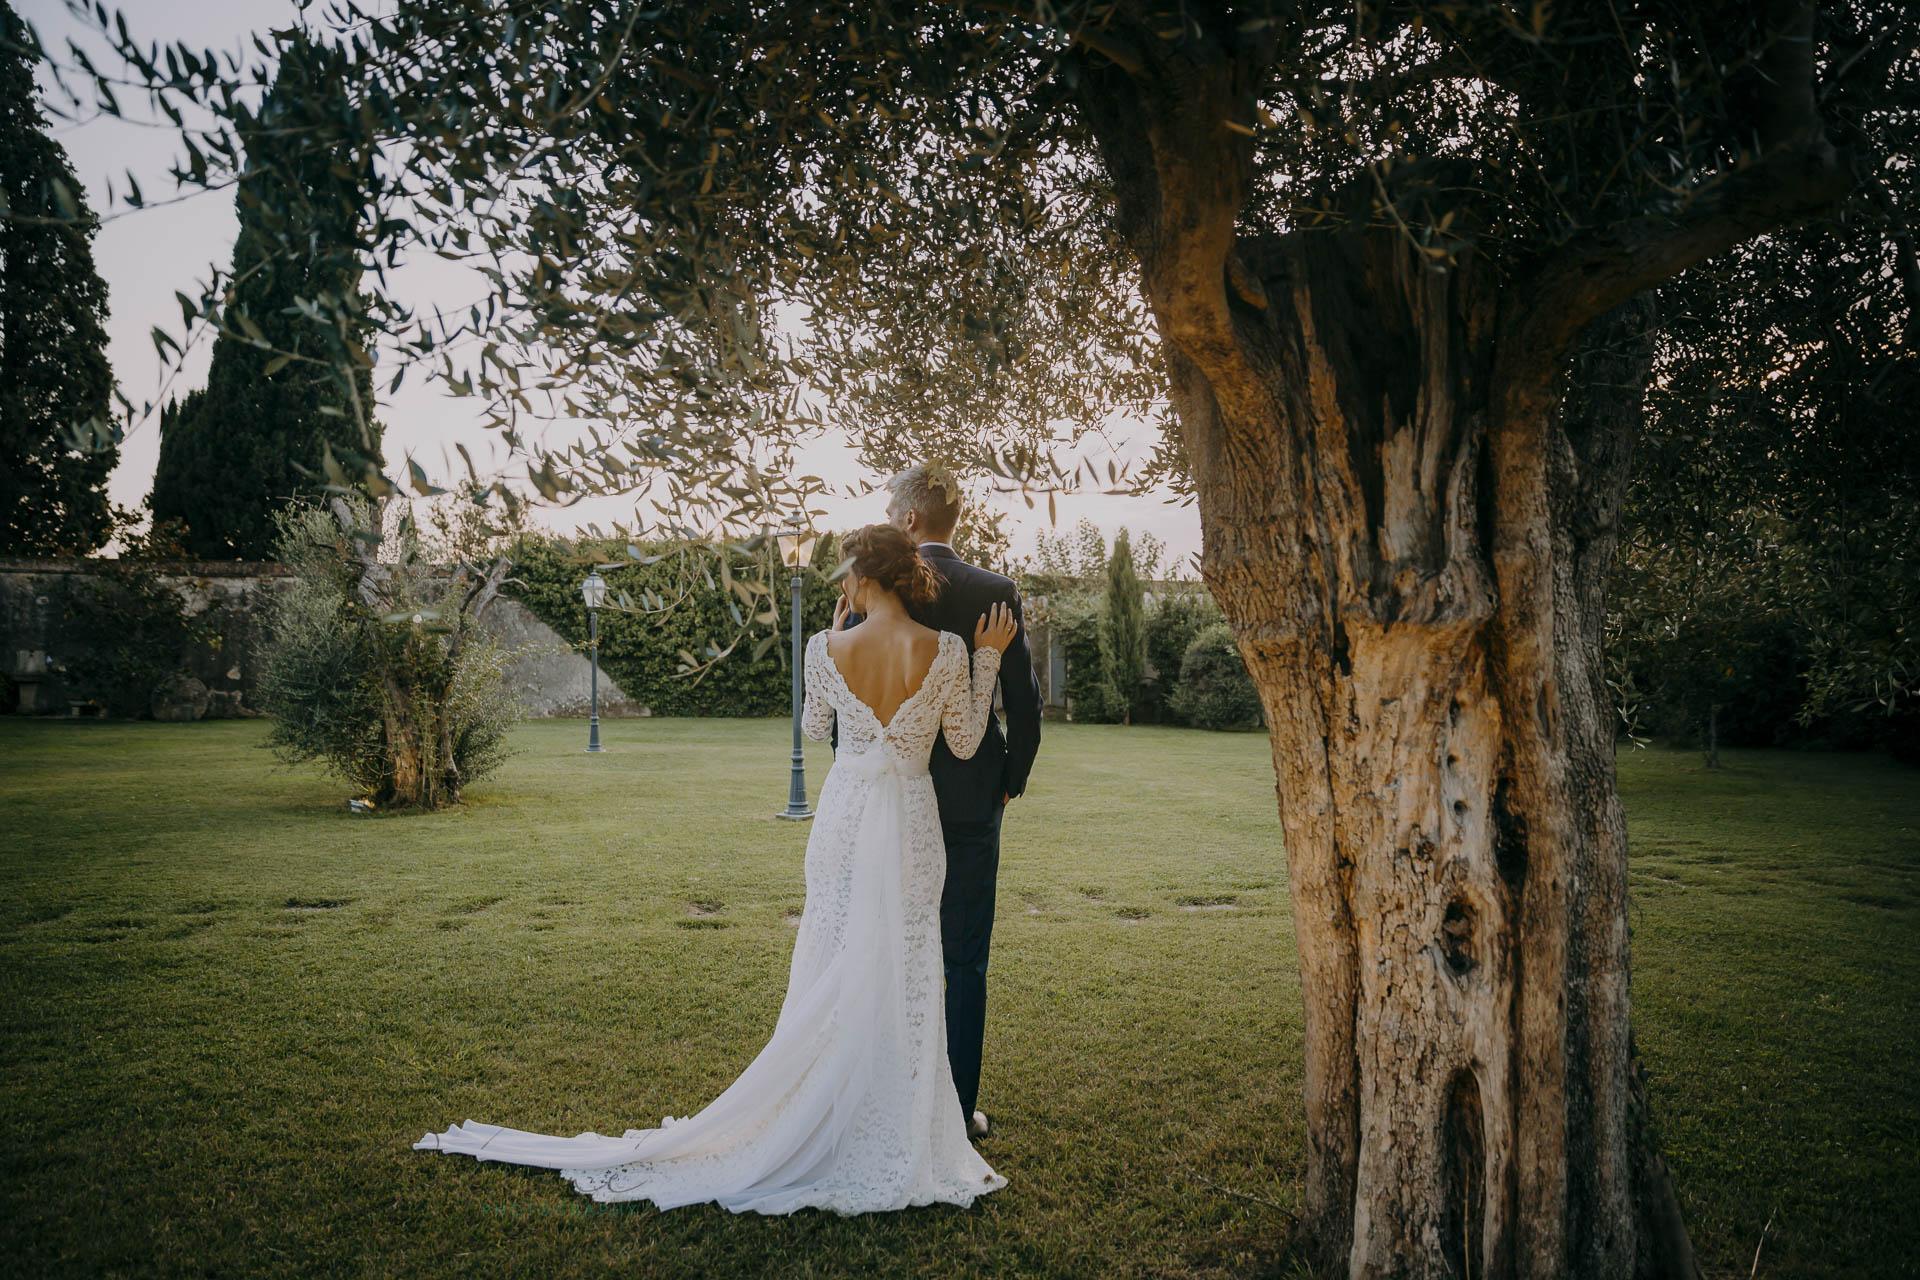 matrimonio-in-toscana